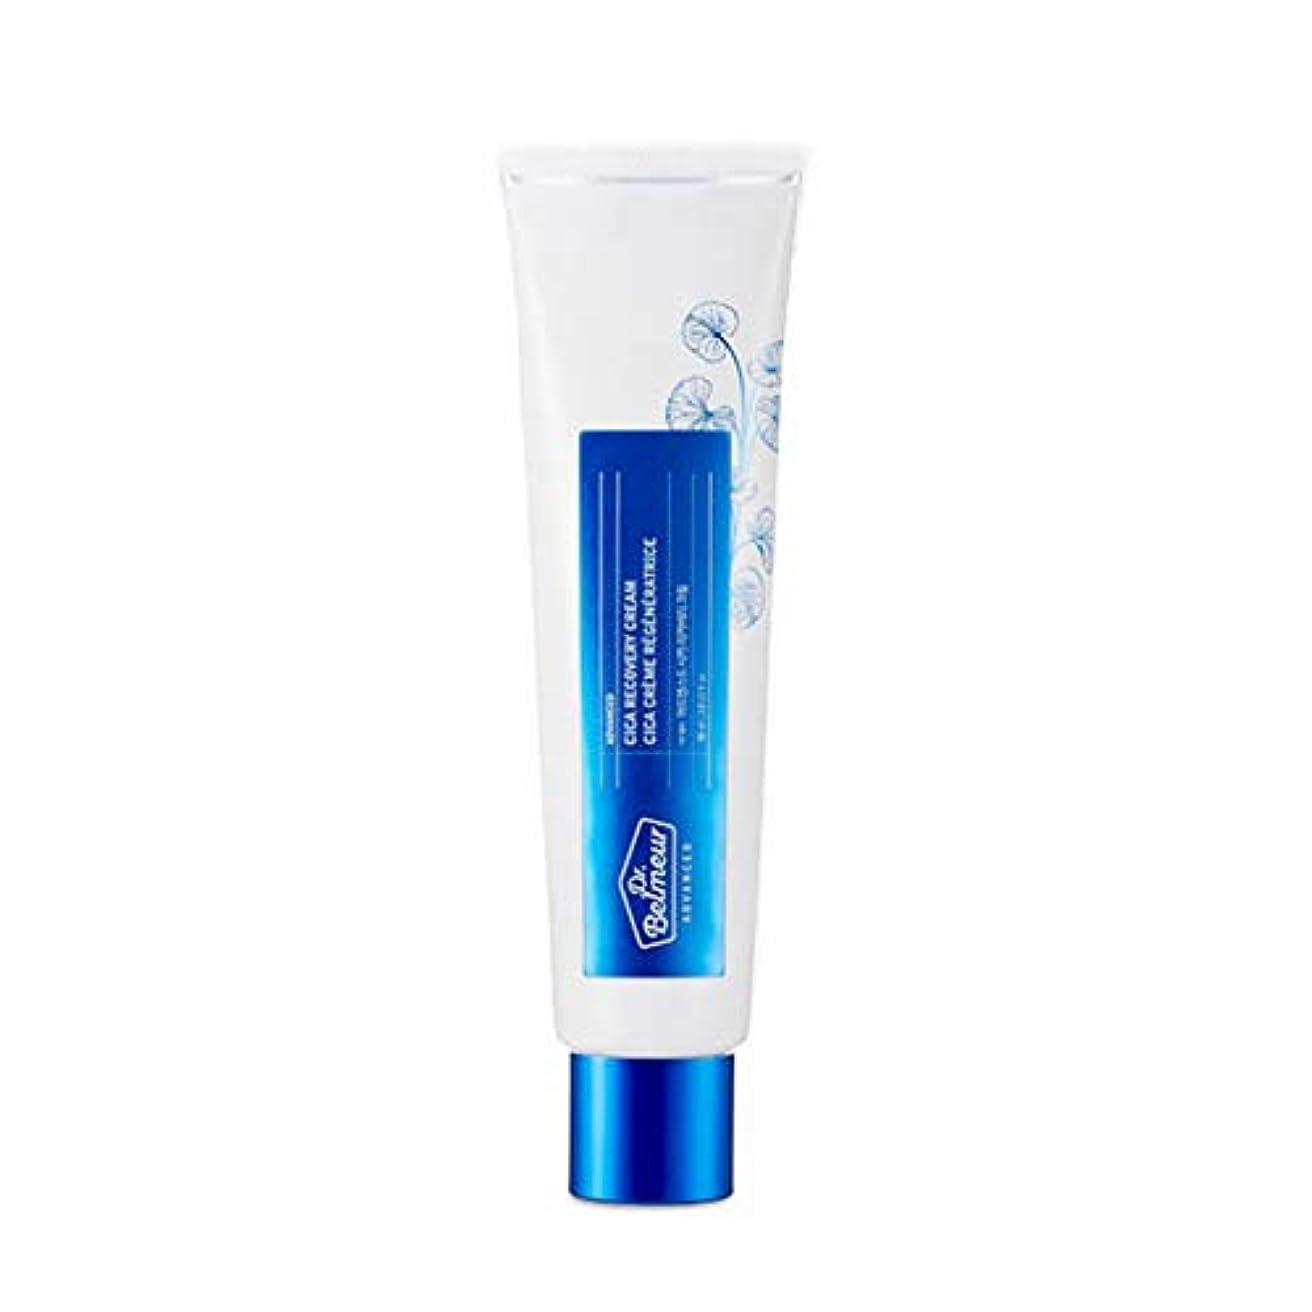 決定する回転唯一ザ?フェイスショップドクターベルモアドバンスドシカリカバリークリーム60ml 韓国コスメ、The Face Shop Dr.Belmeur Advanced Cica Recovery Cream 60ml Korean...